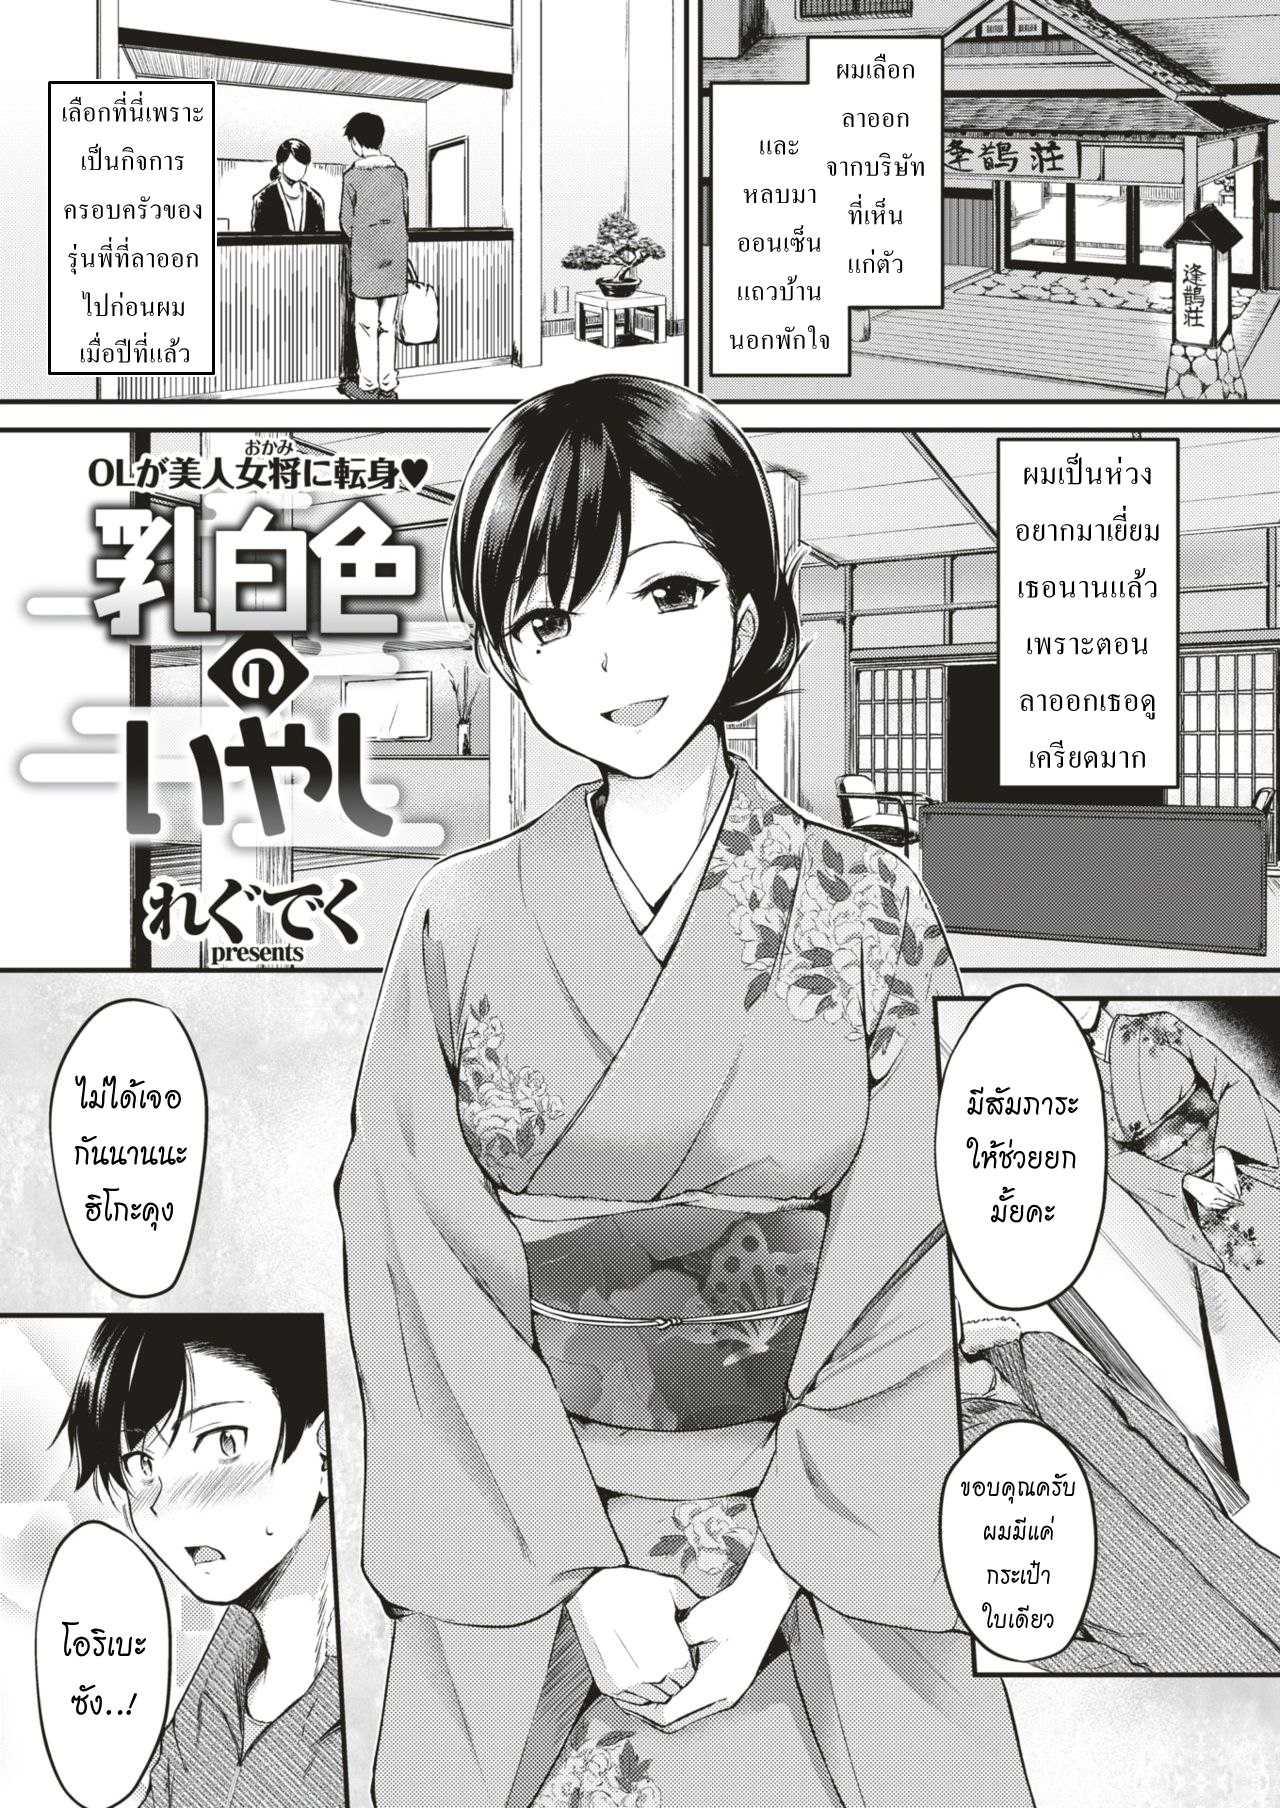 regdic-nyuuhakushoku-no-iyashi-milky-white-colored-healing-comic-kairakuten-beast-2018-02